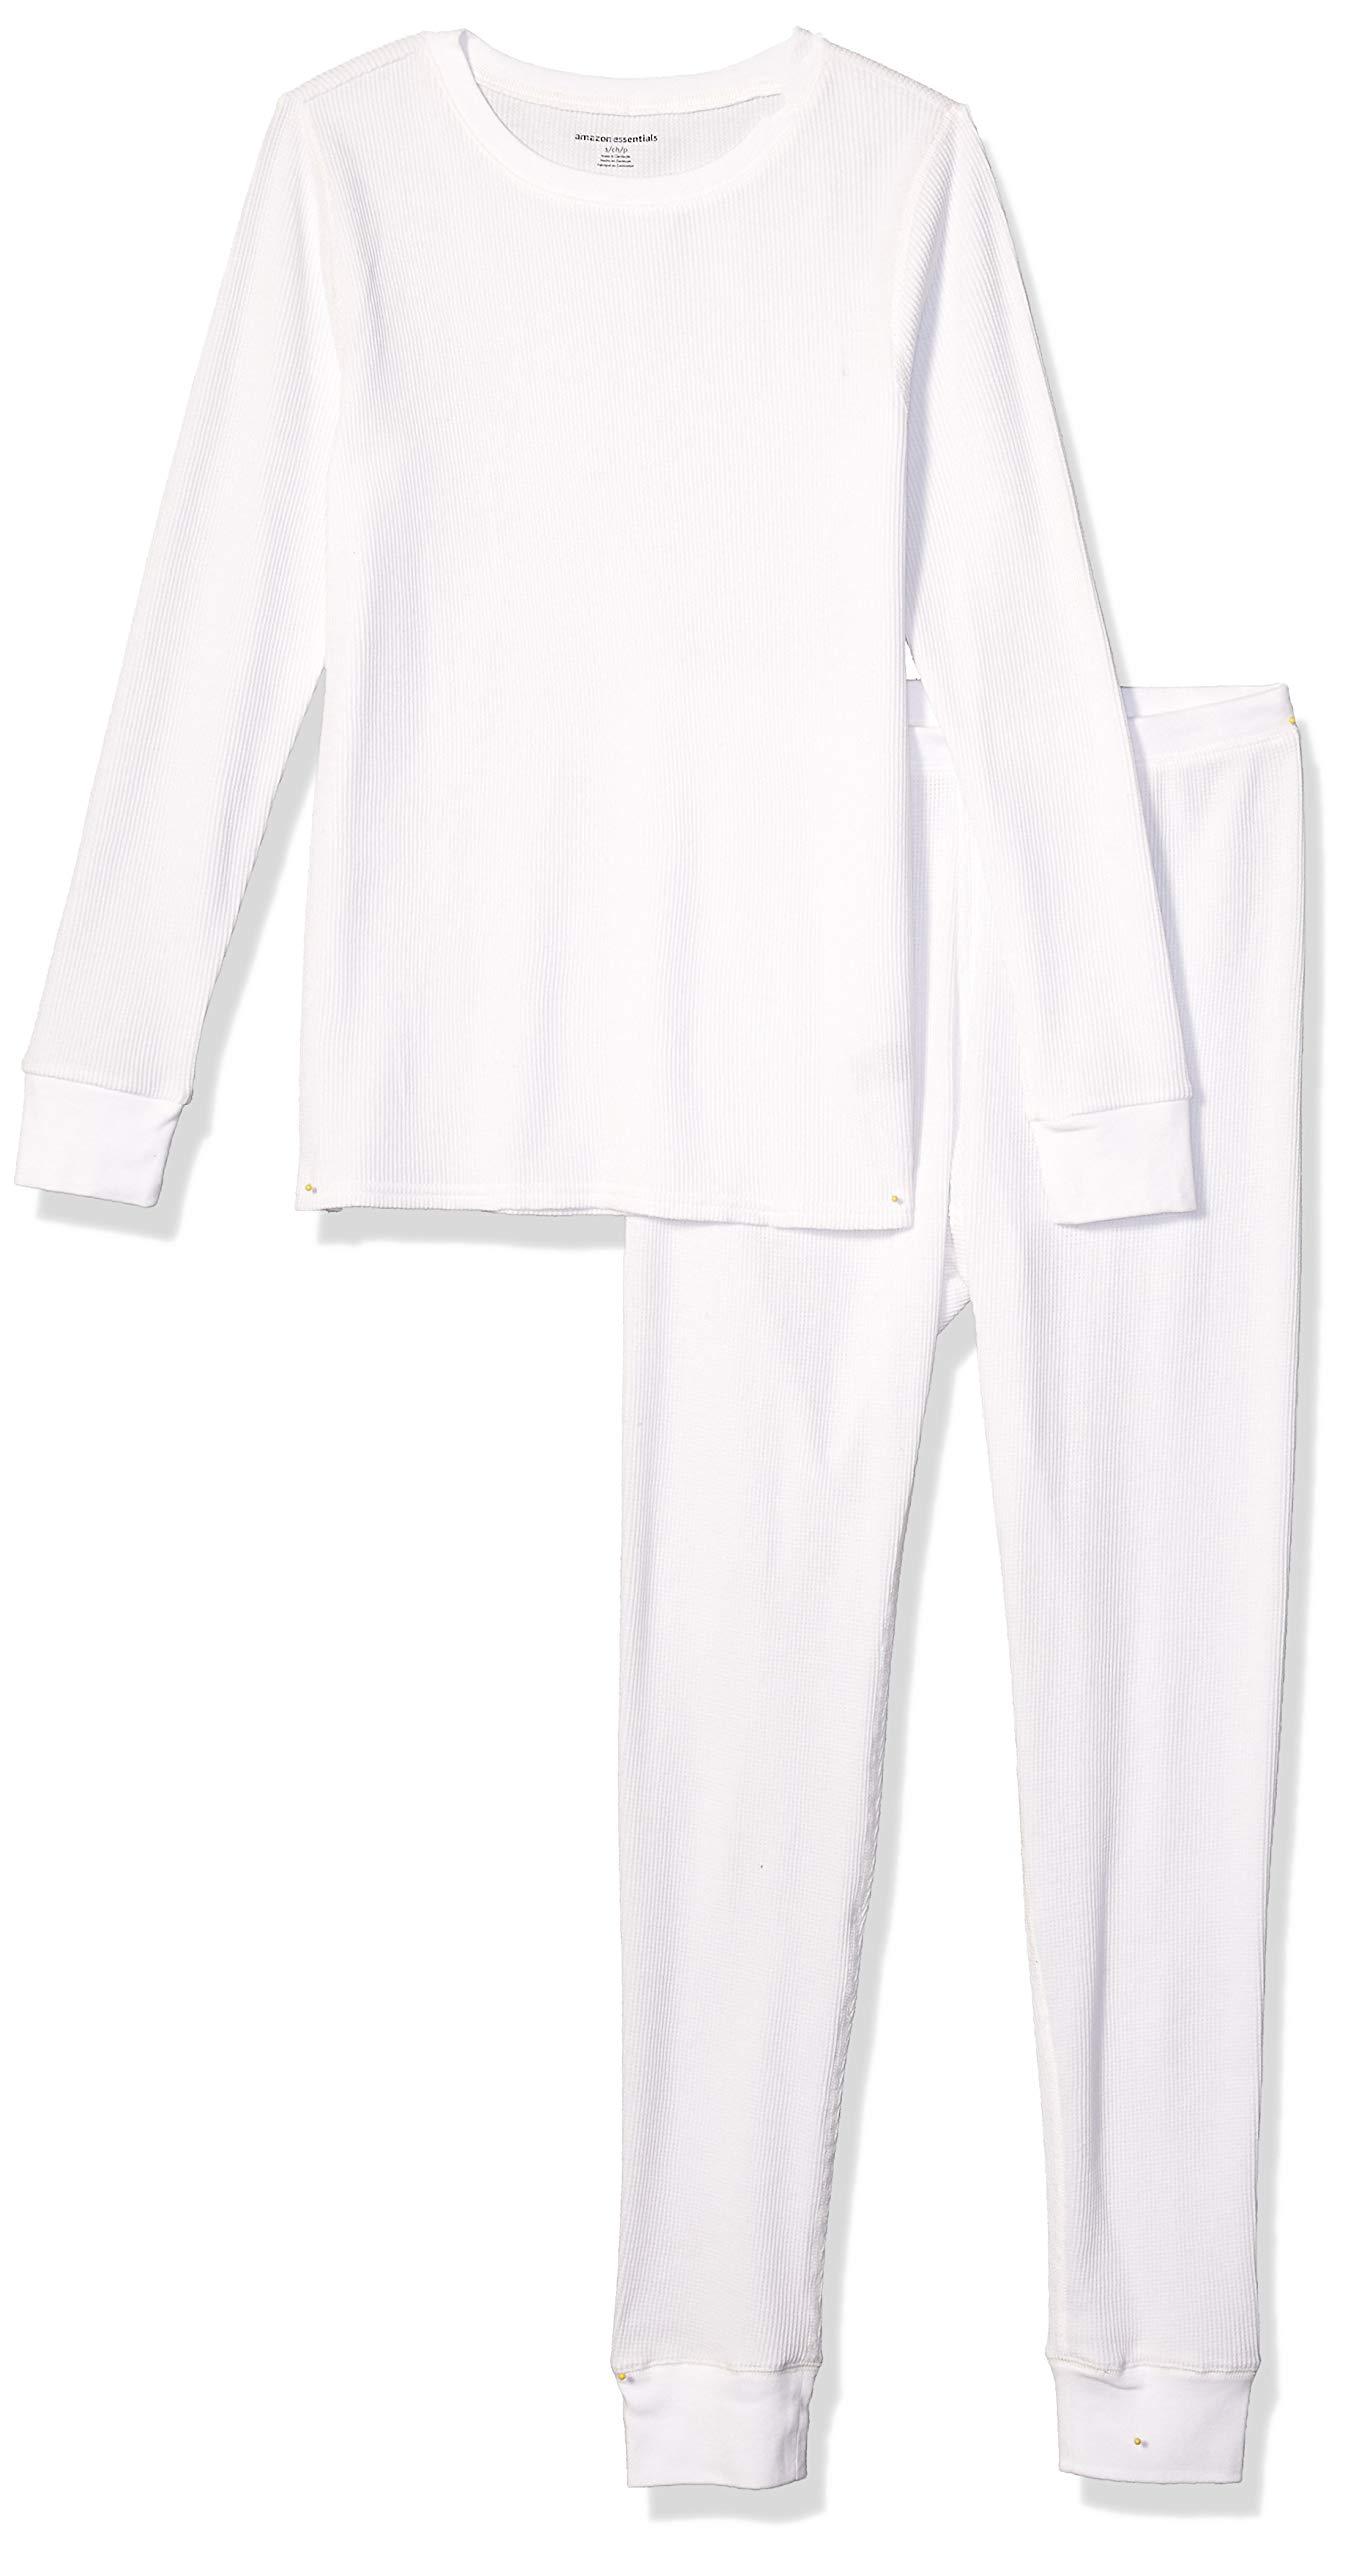 Amazon Essentials Women's Thermal Long Underwear Set